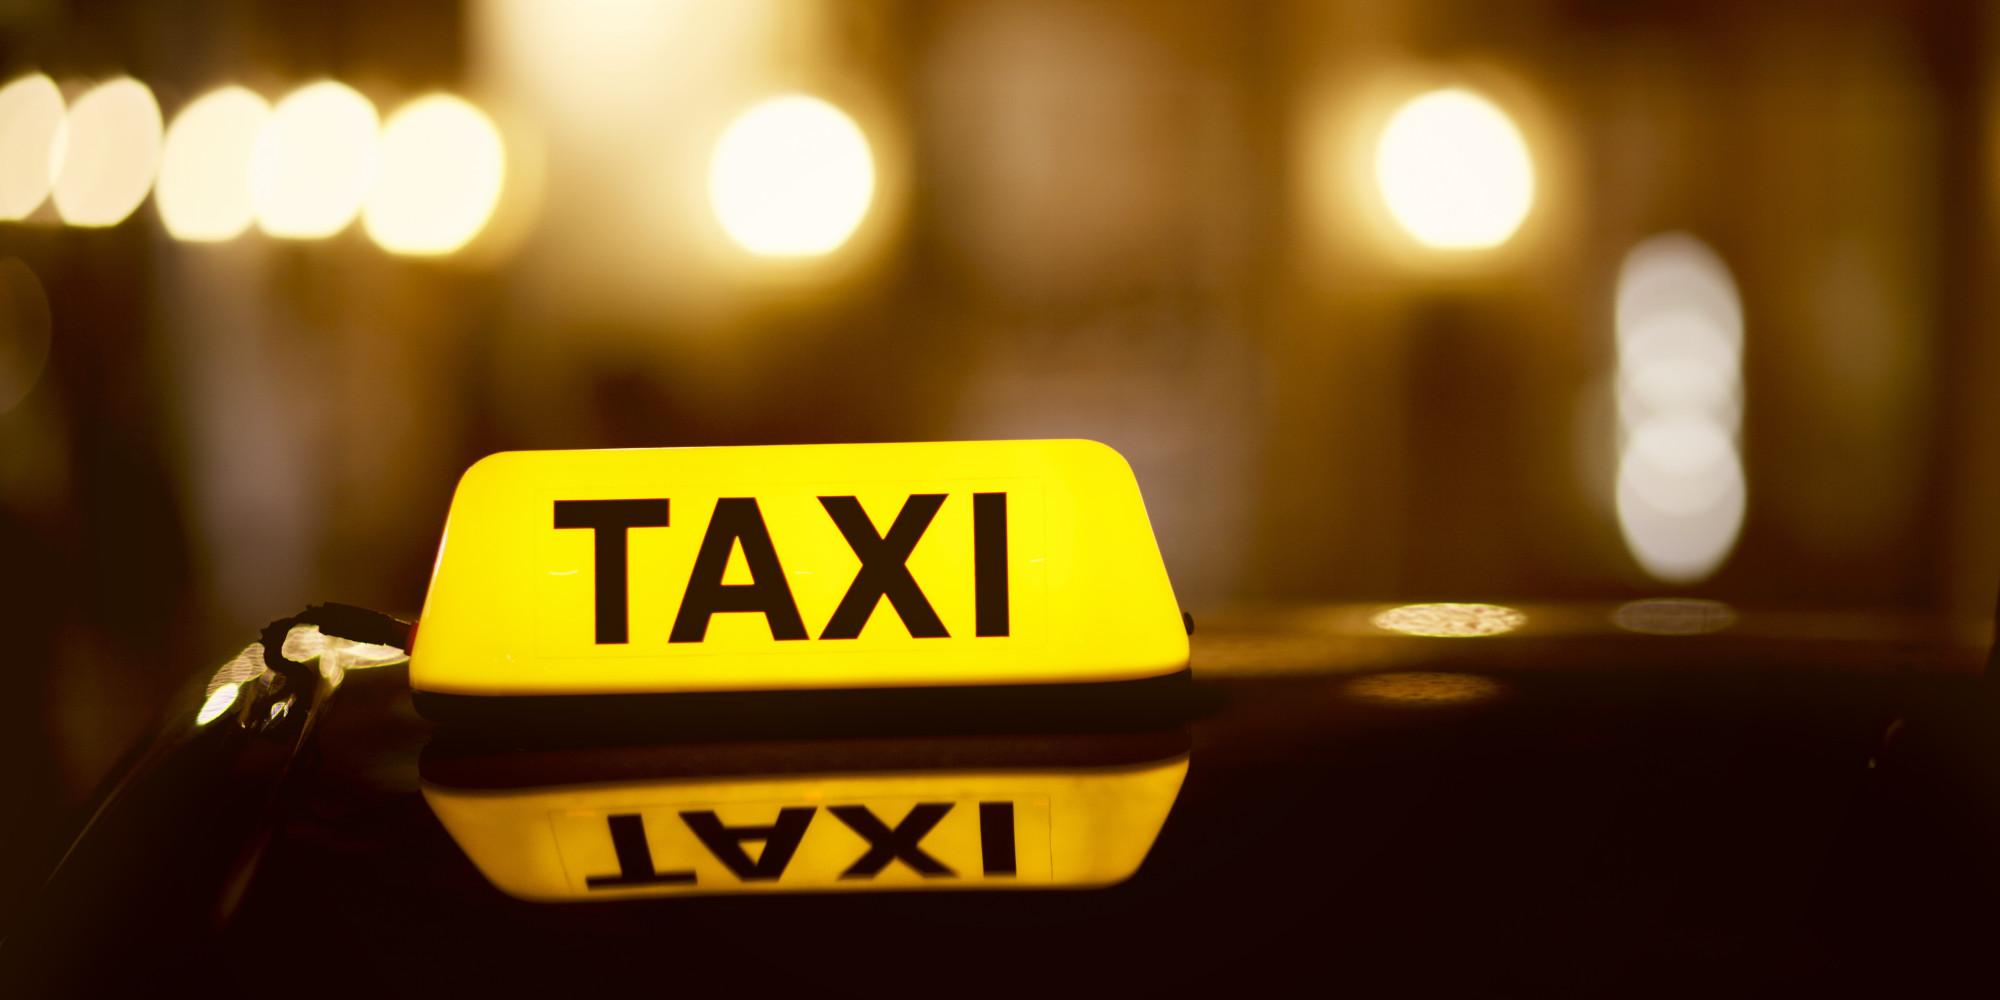 انگلیسی درسفر در تاکسی